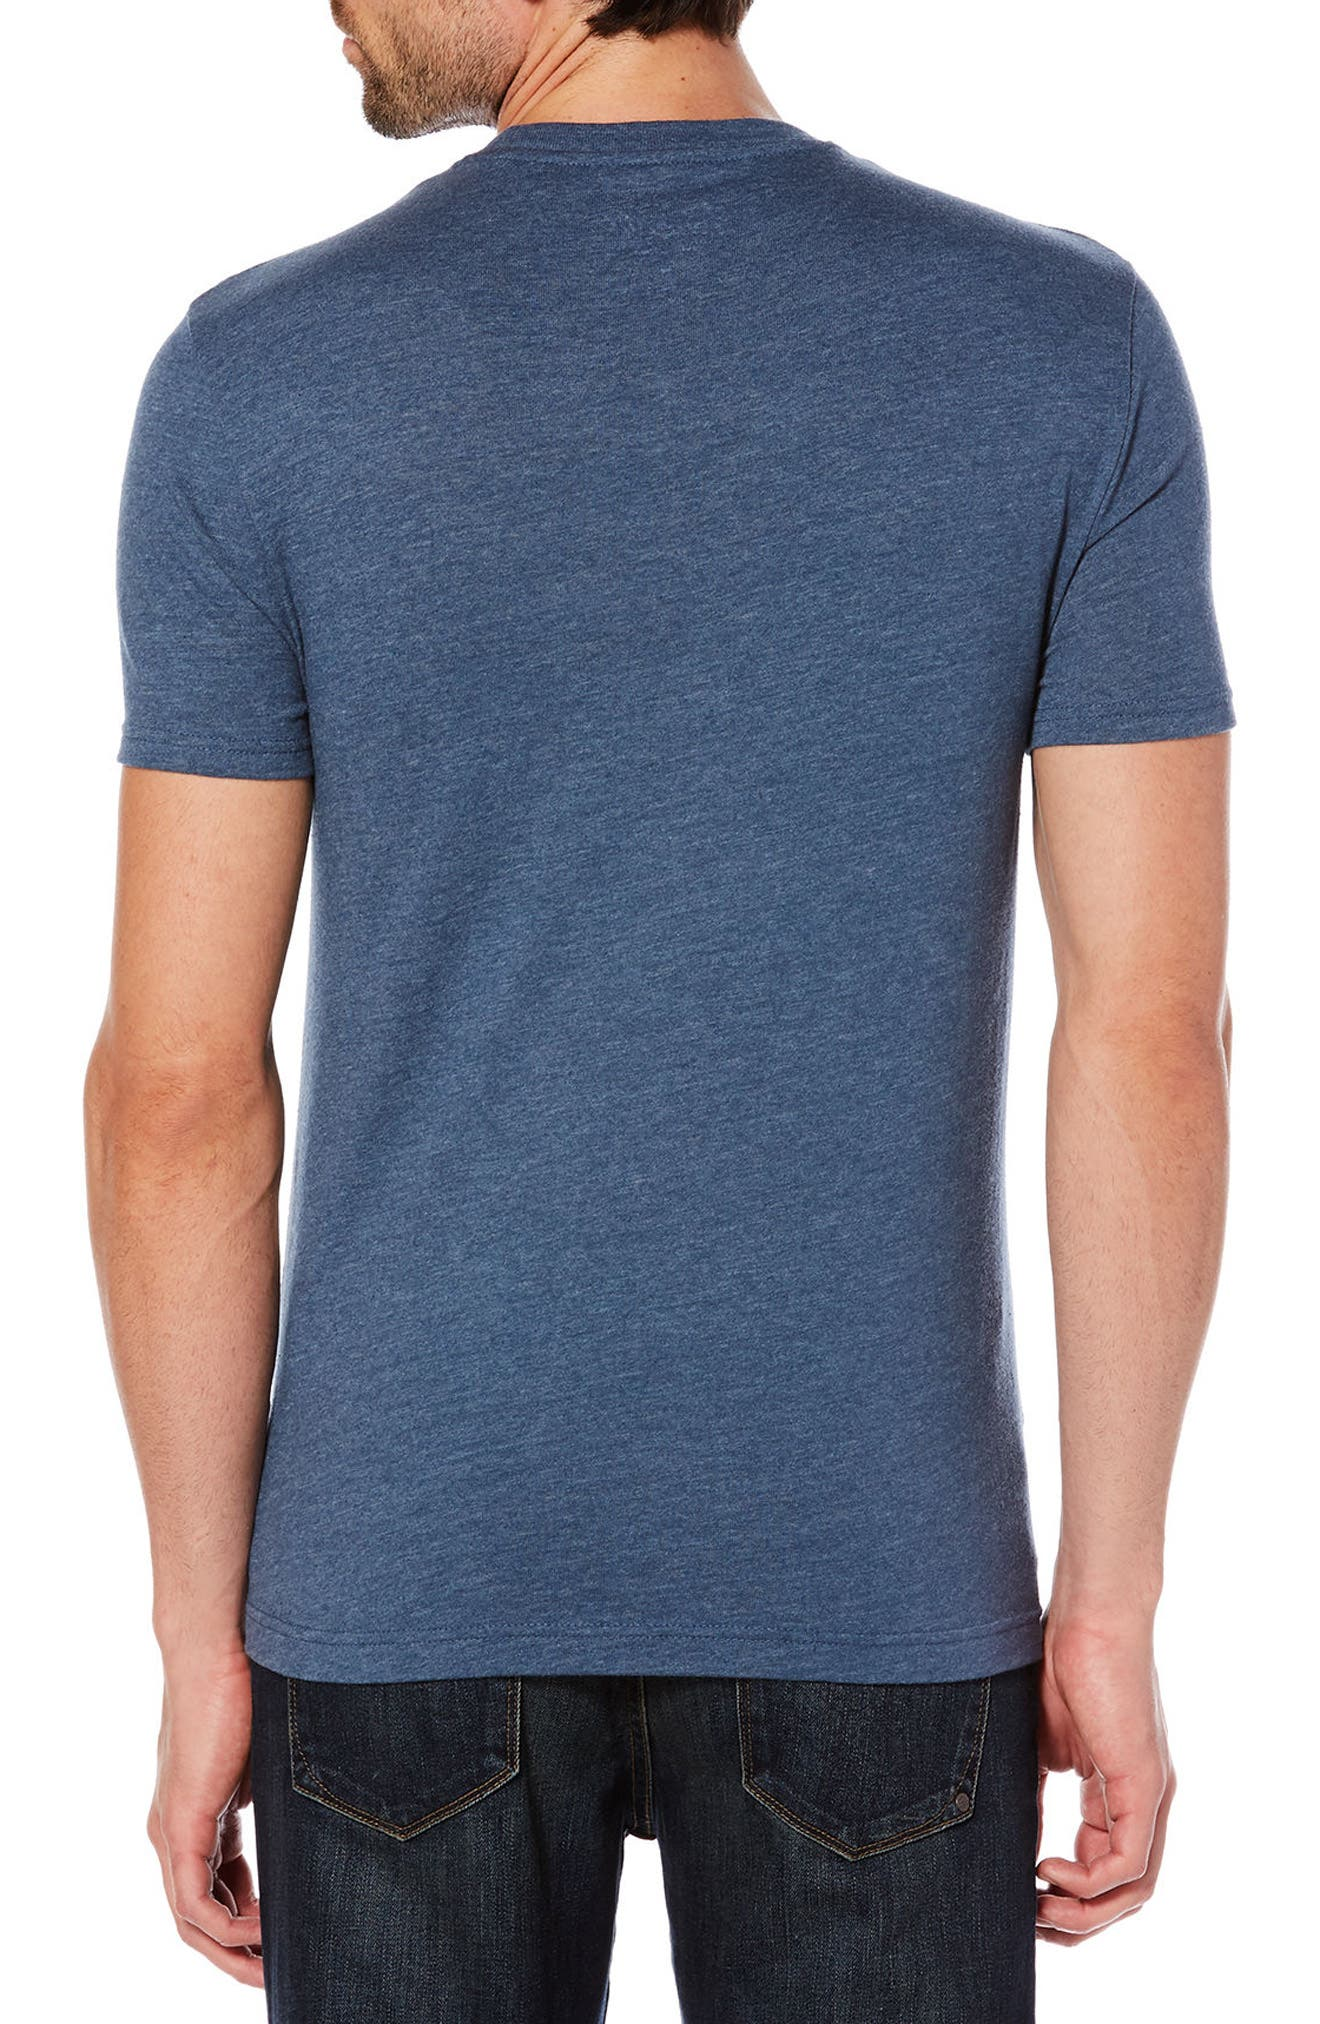 Moving Shapes Pete T-Shirt,                             Alternate thumbnail 2, color,                             425